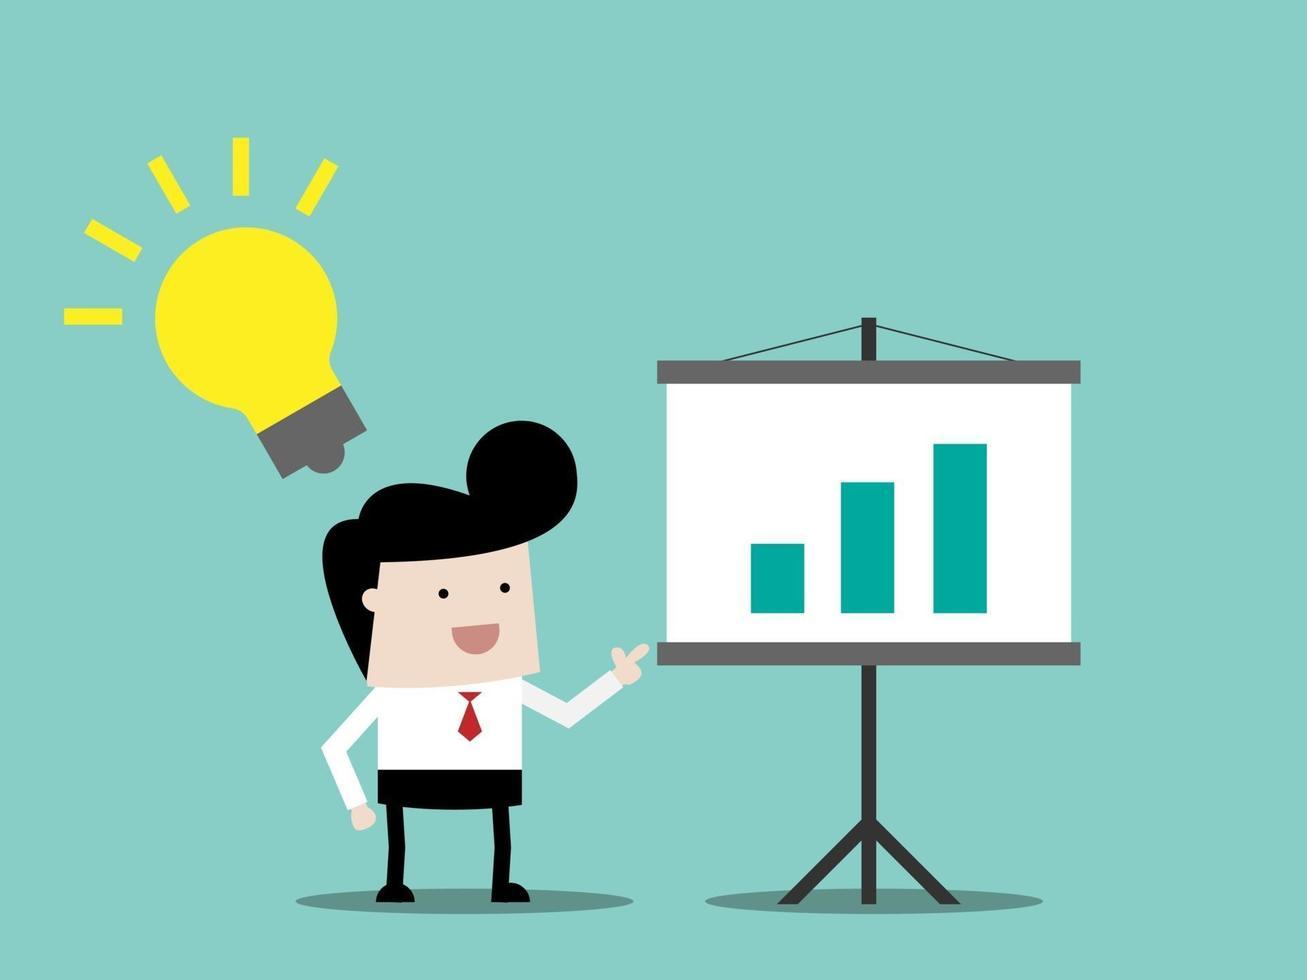 empresário com ideia de conceito de negócio de apresentação vetor